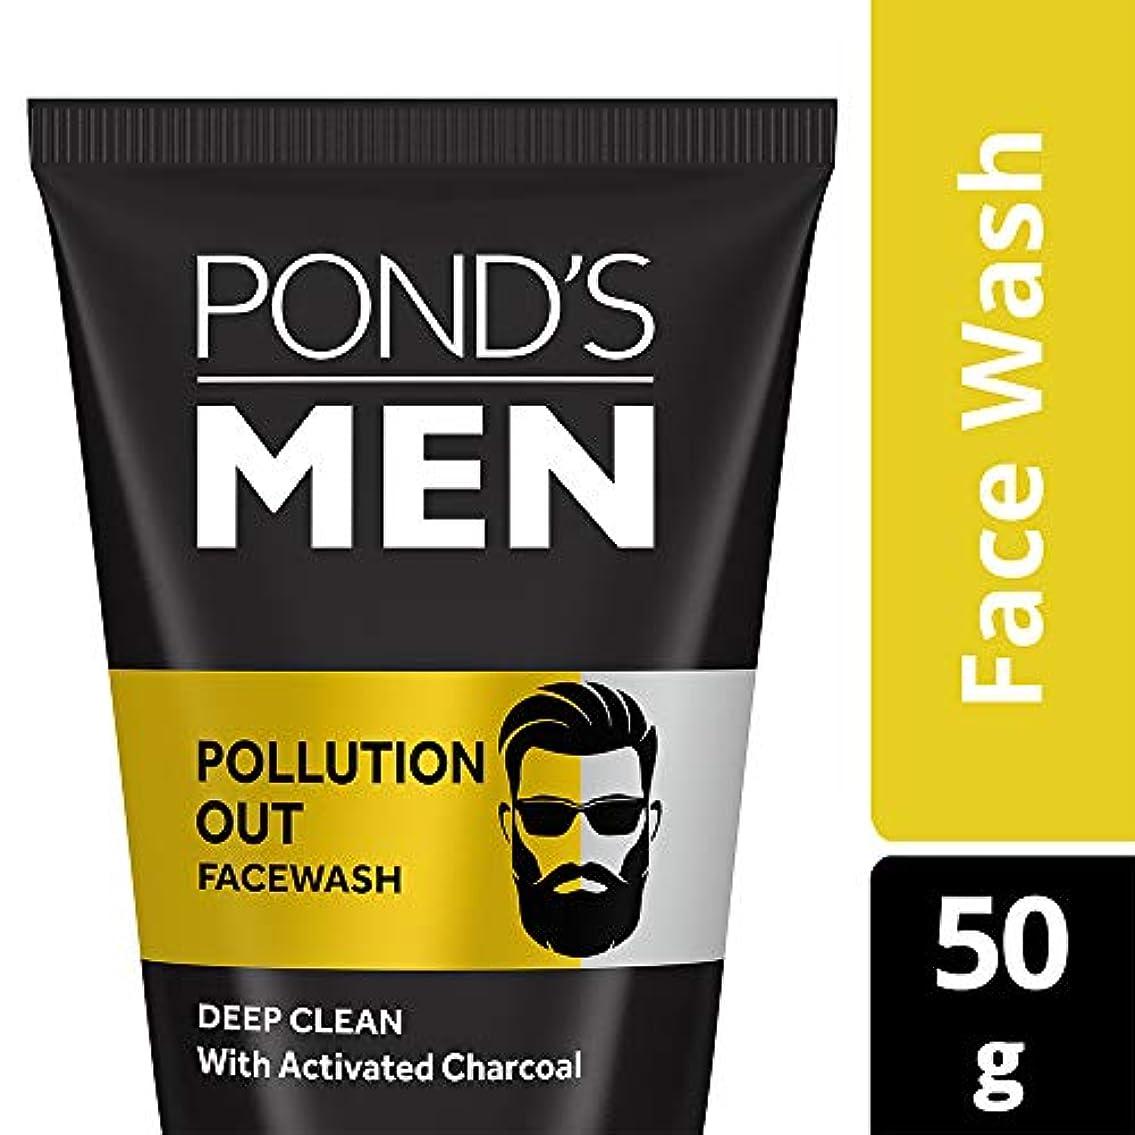 おっと囚人嬉しいですPond's Men Pollution Out Activated Charcoal Deep Clean Facewash, 50 g